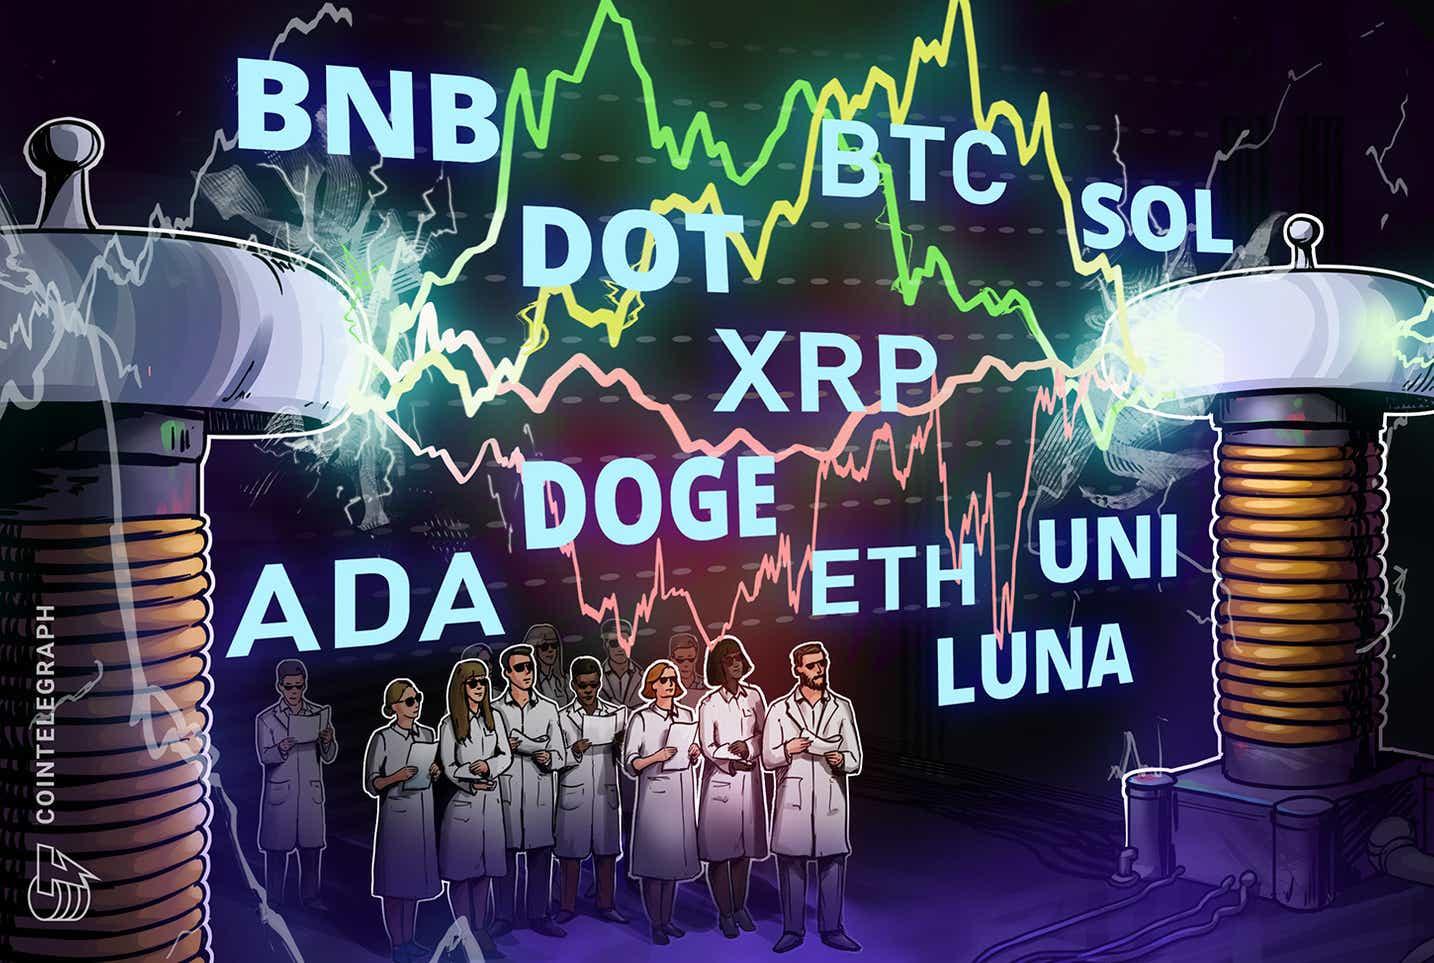 價格分析 10/13:BTC、ETH、BNB、ADA、XRP、SOL、DOGE、DOT、LUNA、UNI